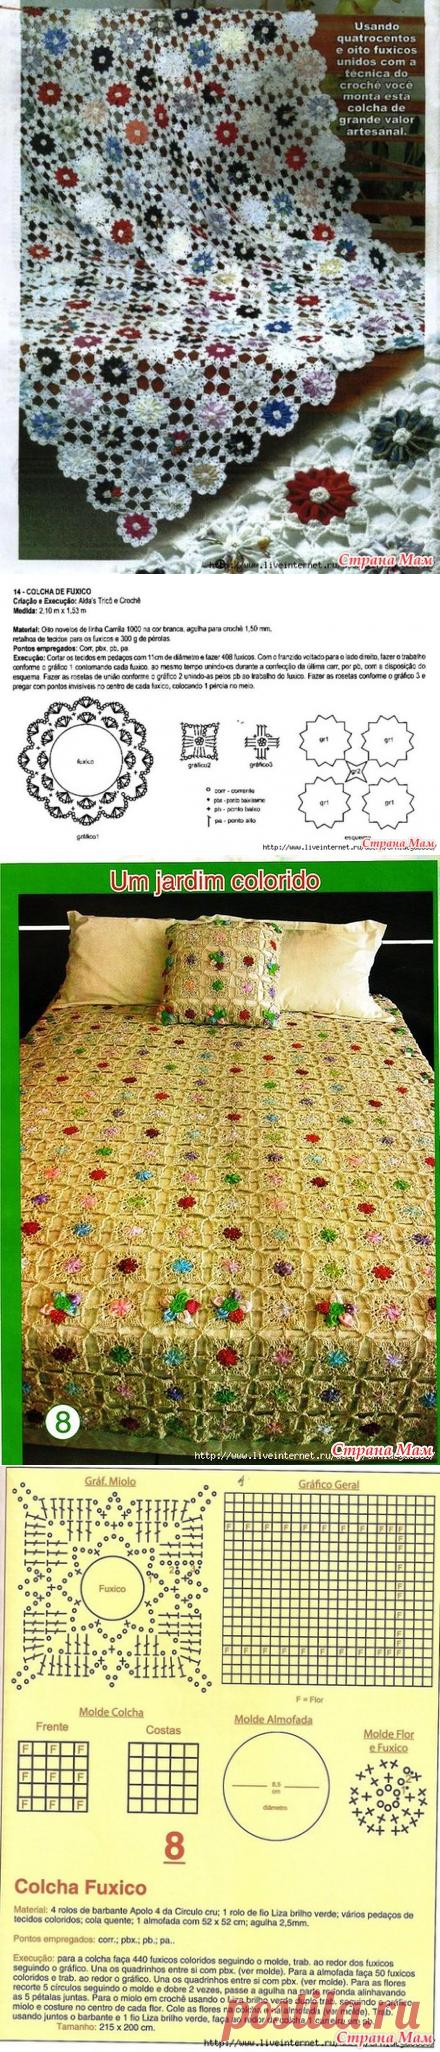 Интересные идеи: ткань +вязание